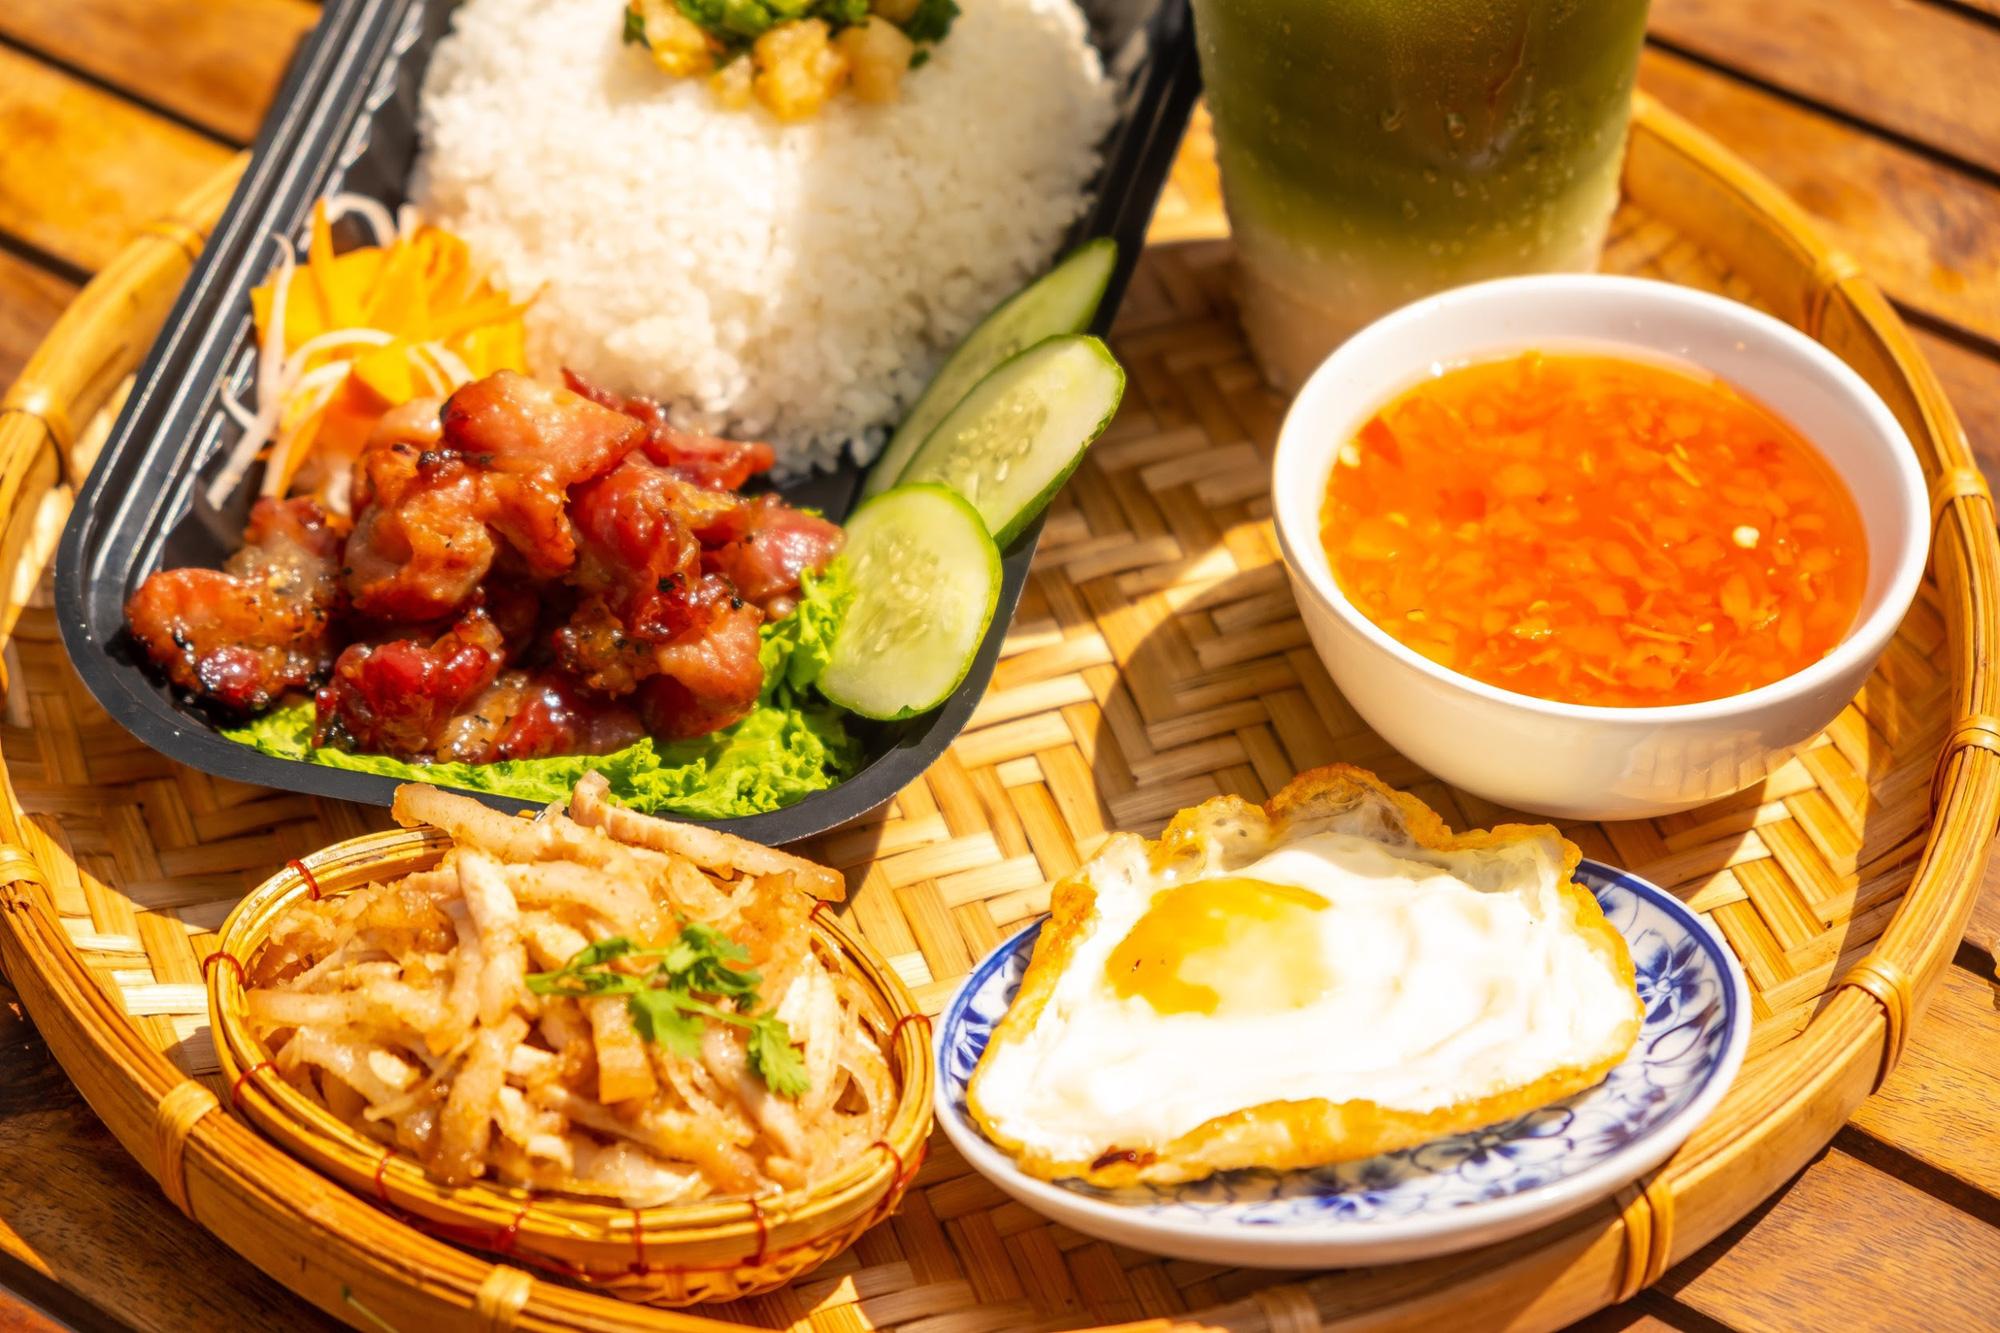 Bỏ túi ngay loạt món ngon Sài thành có giá siêu đặc biệt chỉ 1K, duy nhất tại NowFood - Ảnh 4.